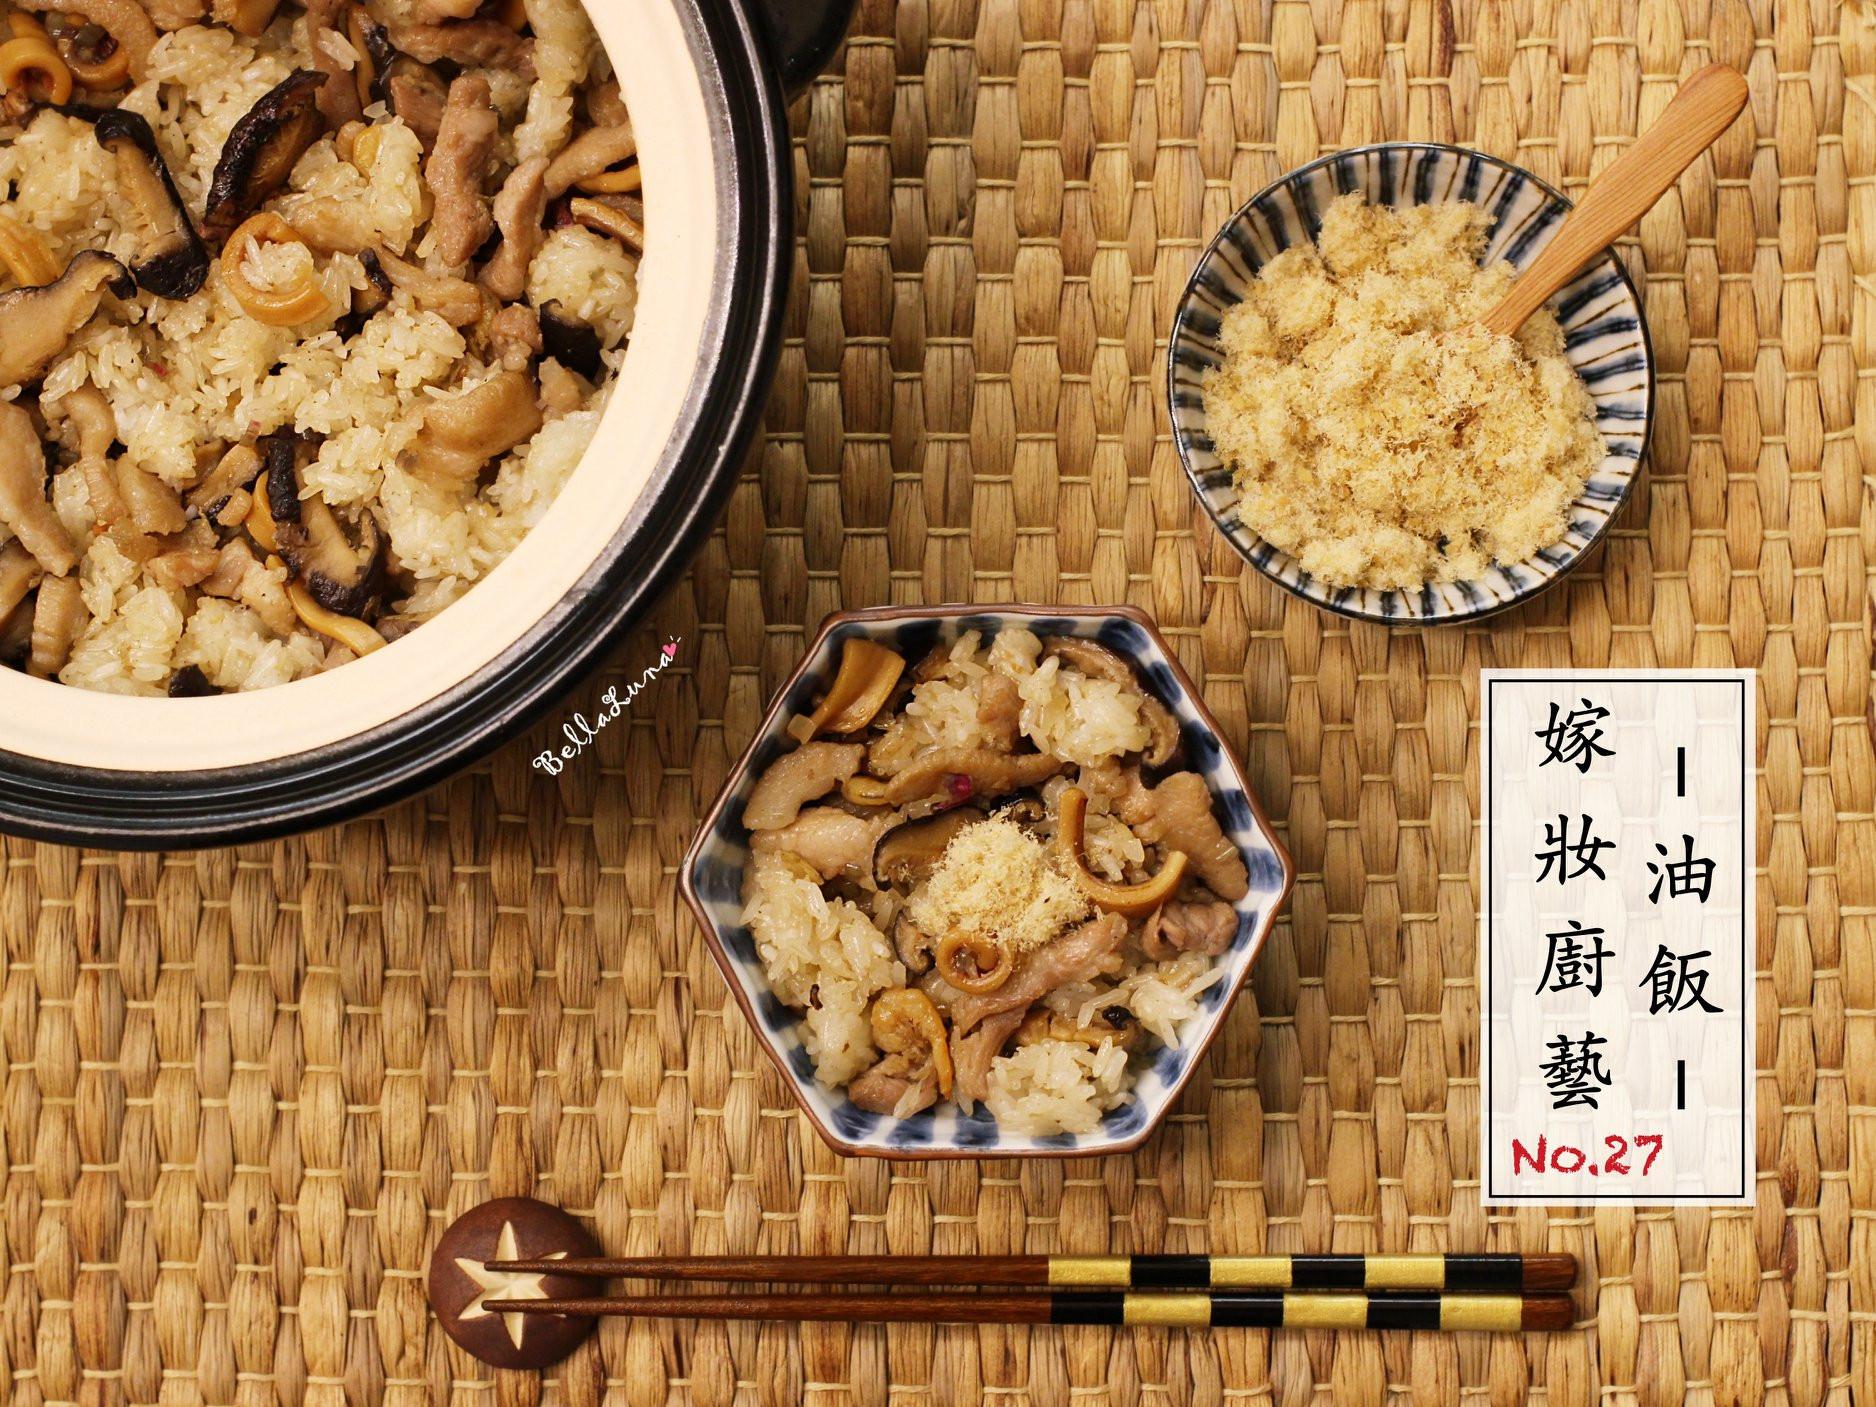 油飯 - 嫁妝廚藝No.27